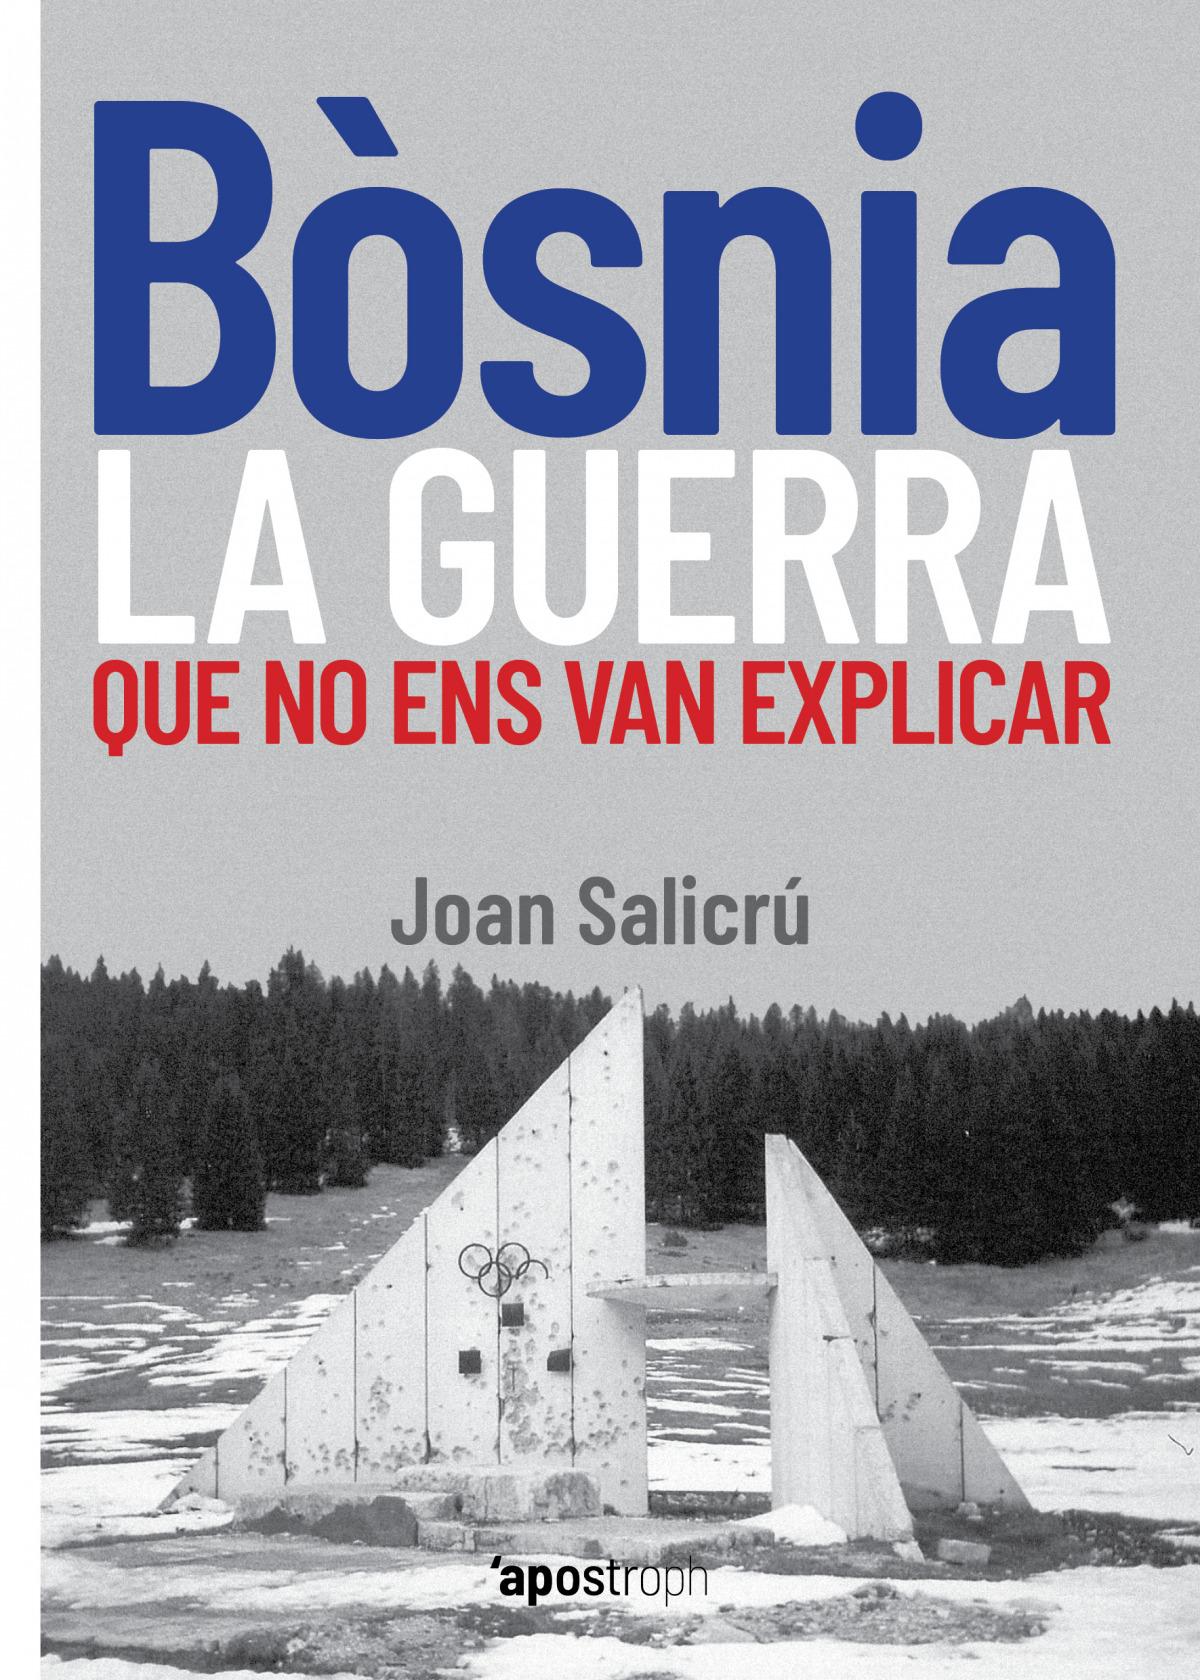 Bòsnia, la guerra que no ens van explicar